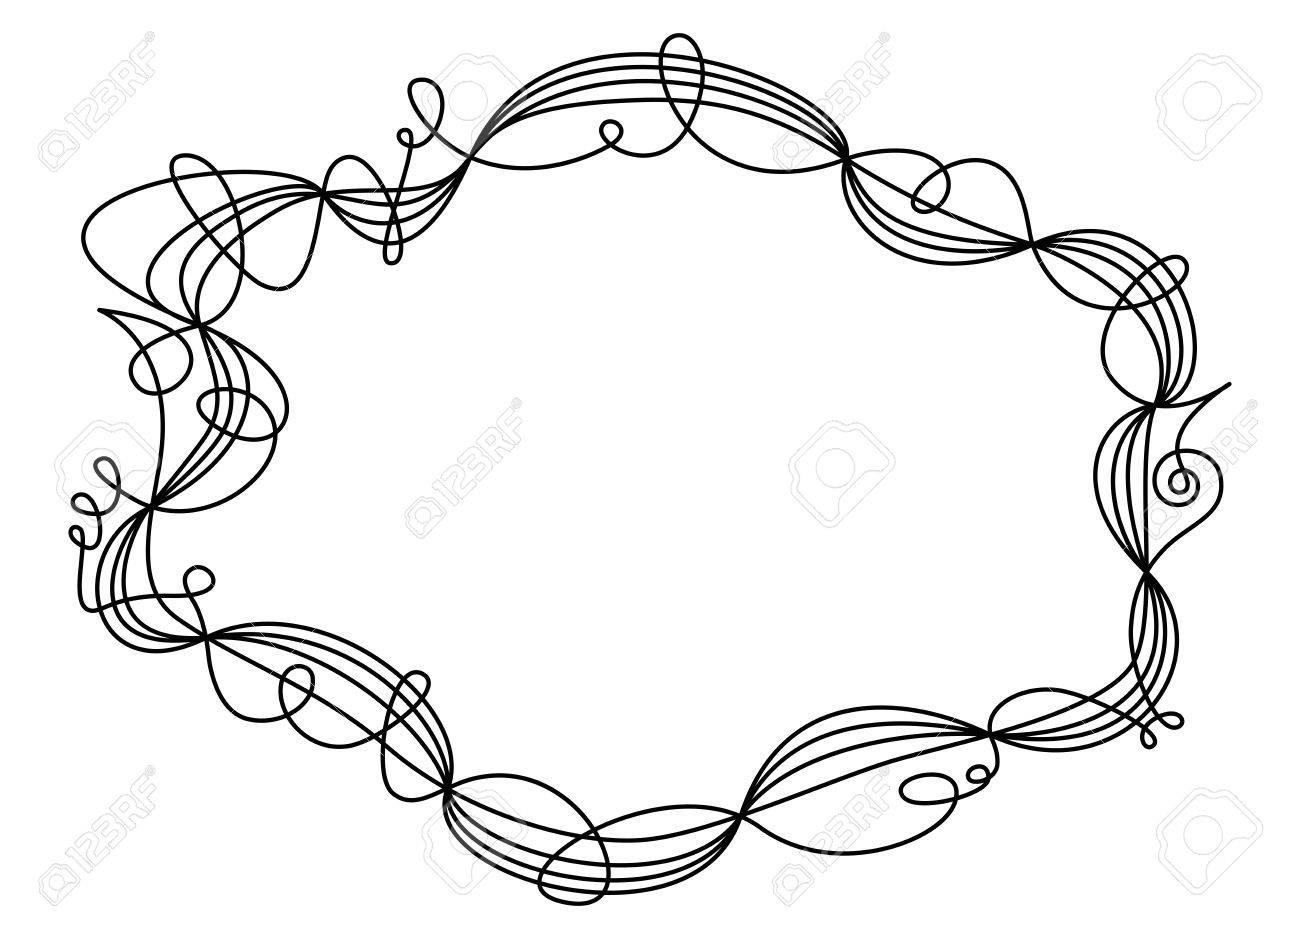 Einzel Schaukel Gewinde Rahmen. Dekorative Ornament Und Grenze Für ...